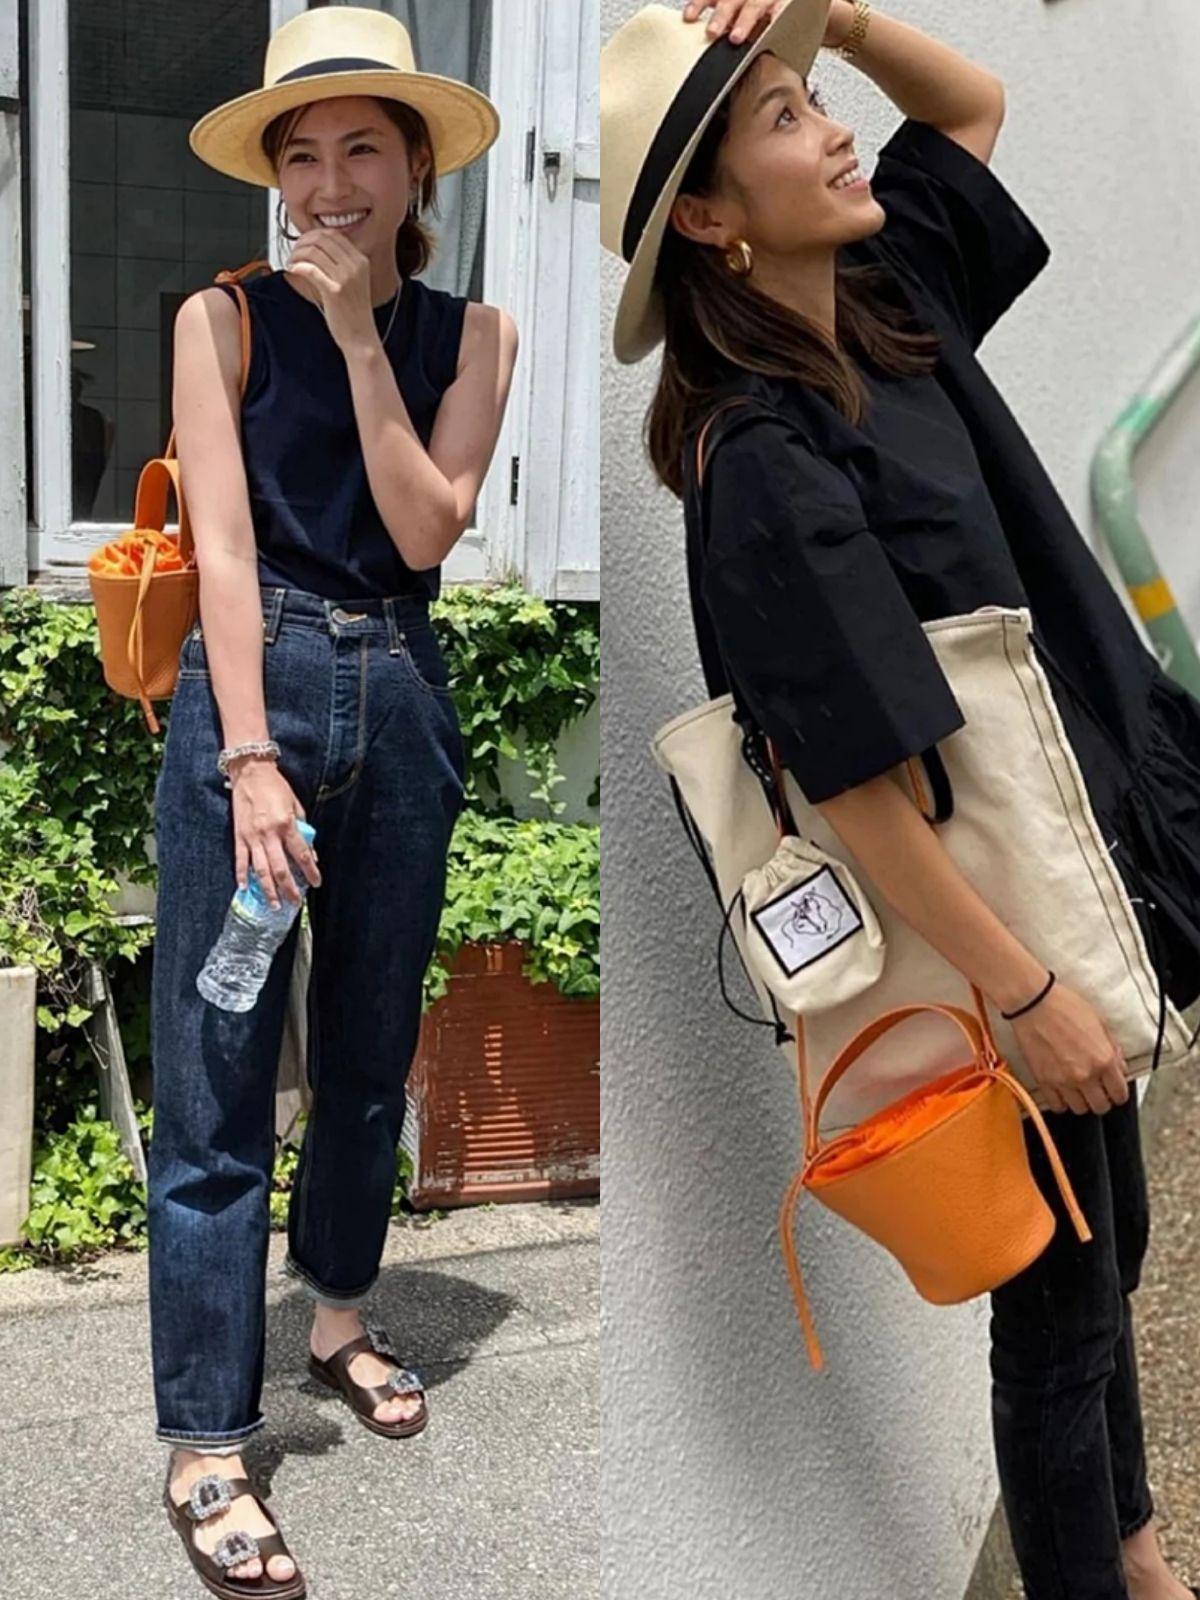 簡約實用的日本中年主婦穿搭,看著舒服清爽就算了,還很顯氣質